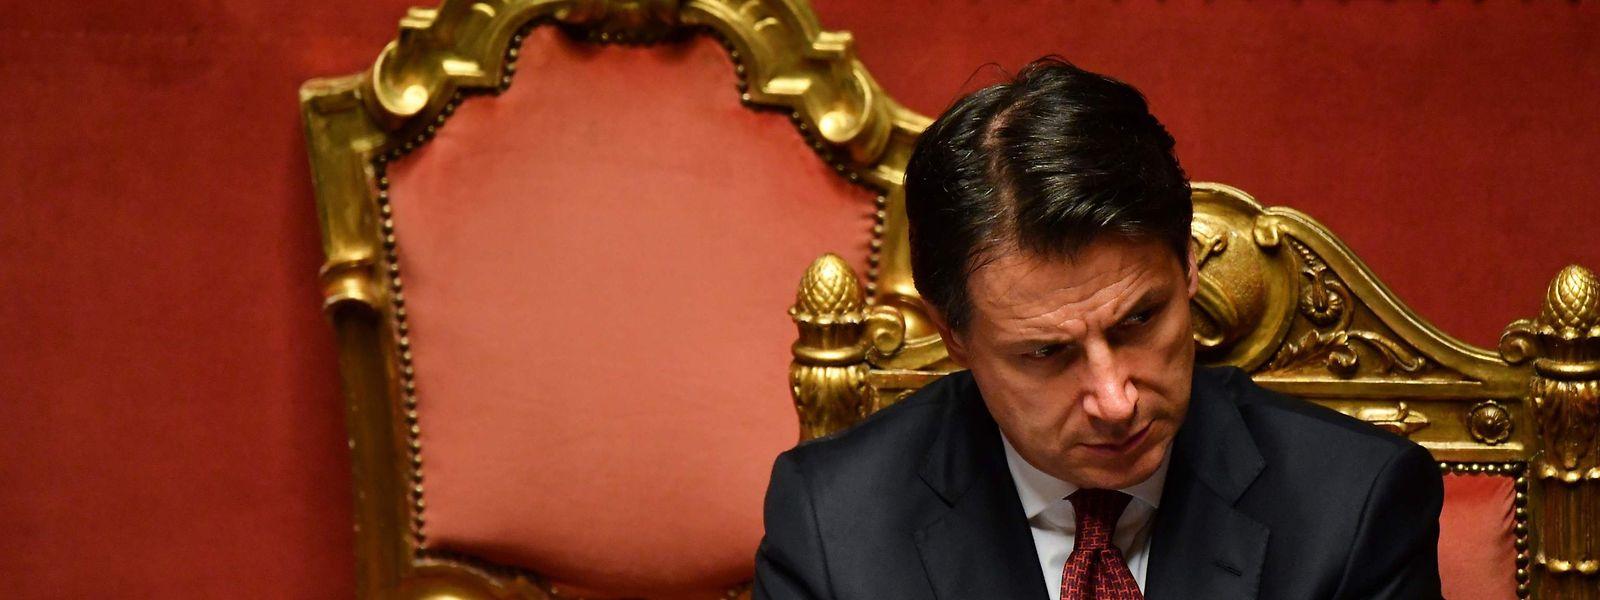 Der parteilose Regierungschef Giuseppe Conte wollte noch am Dienstag nach einer turbulenten Sitzung des Senats seinen Rücktritt beim Staatsoberhaupt einreichen, wie er ankündigte.